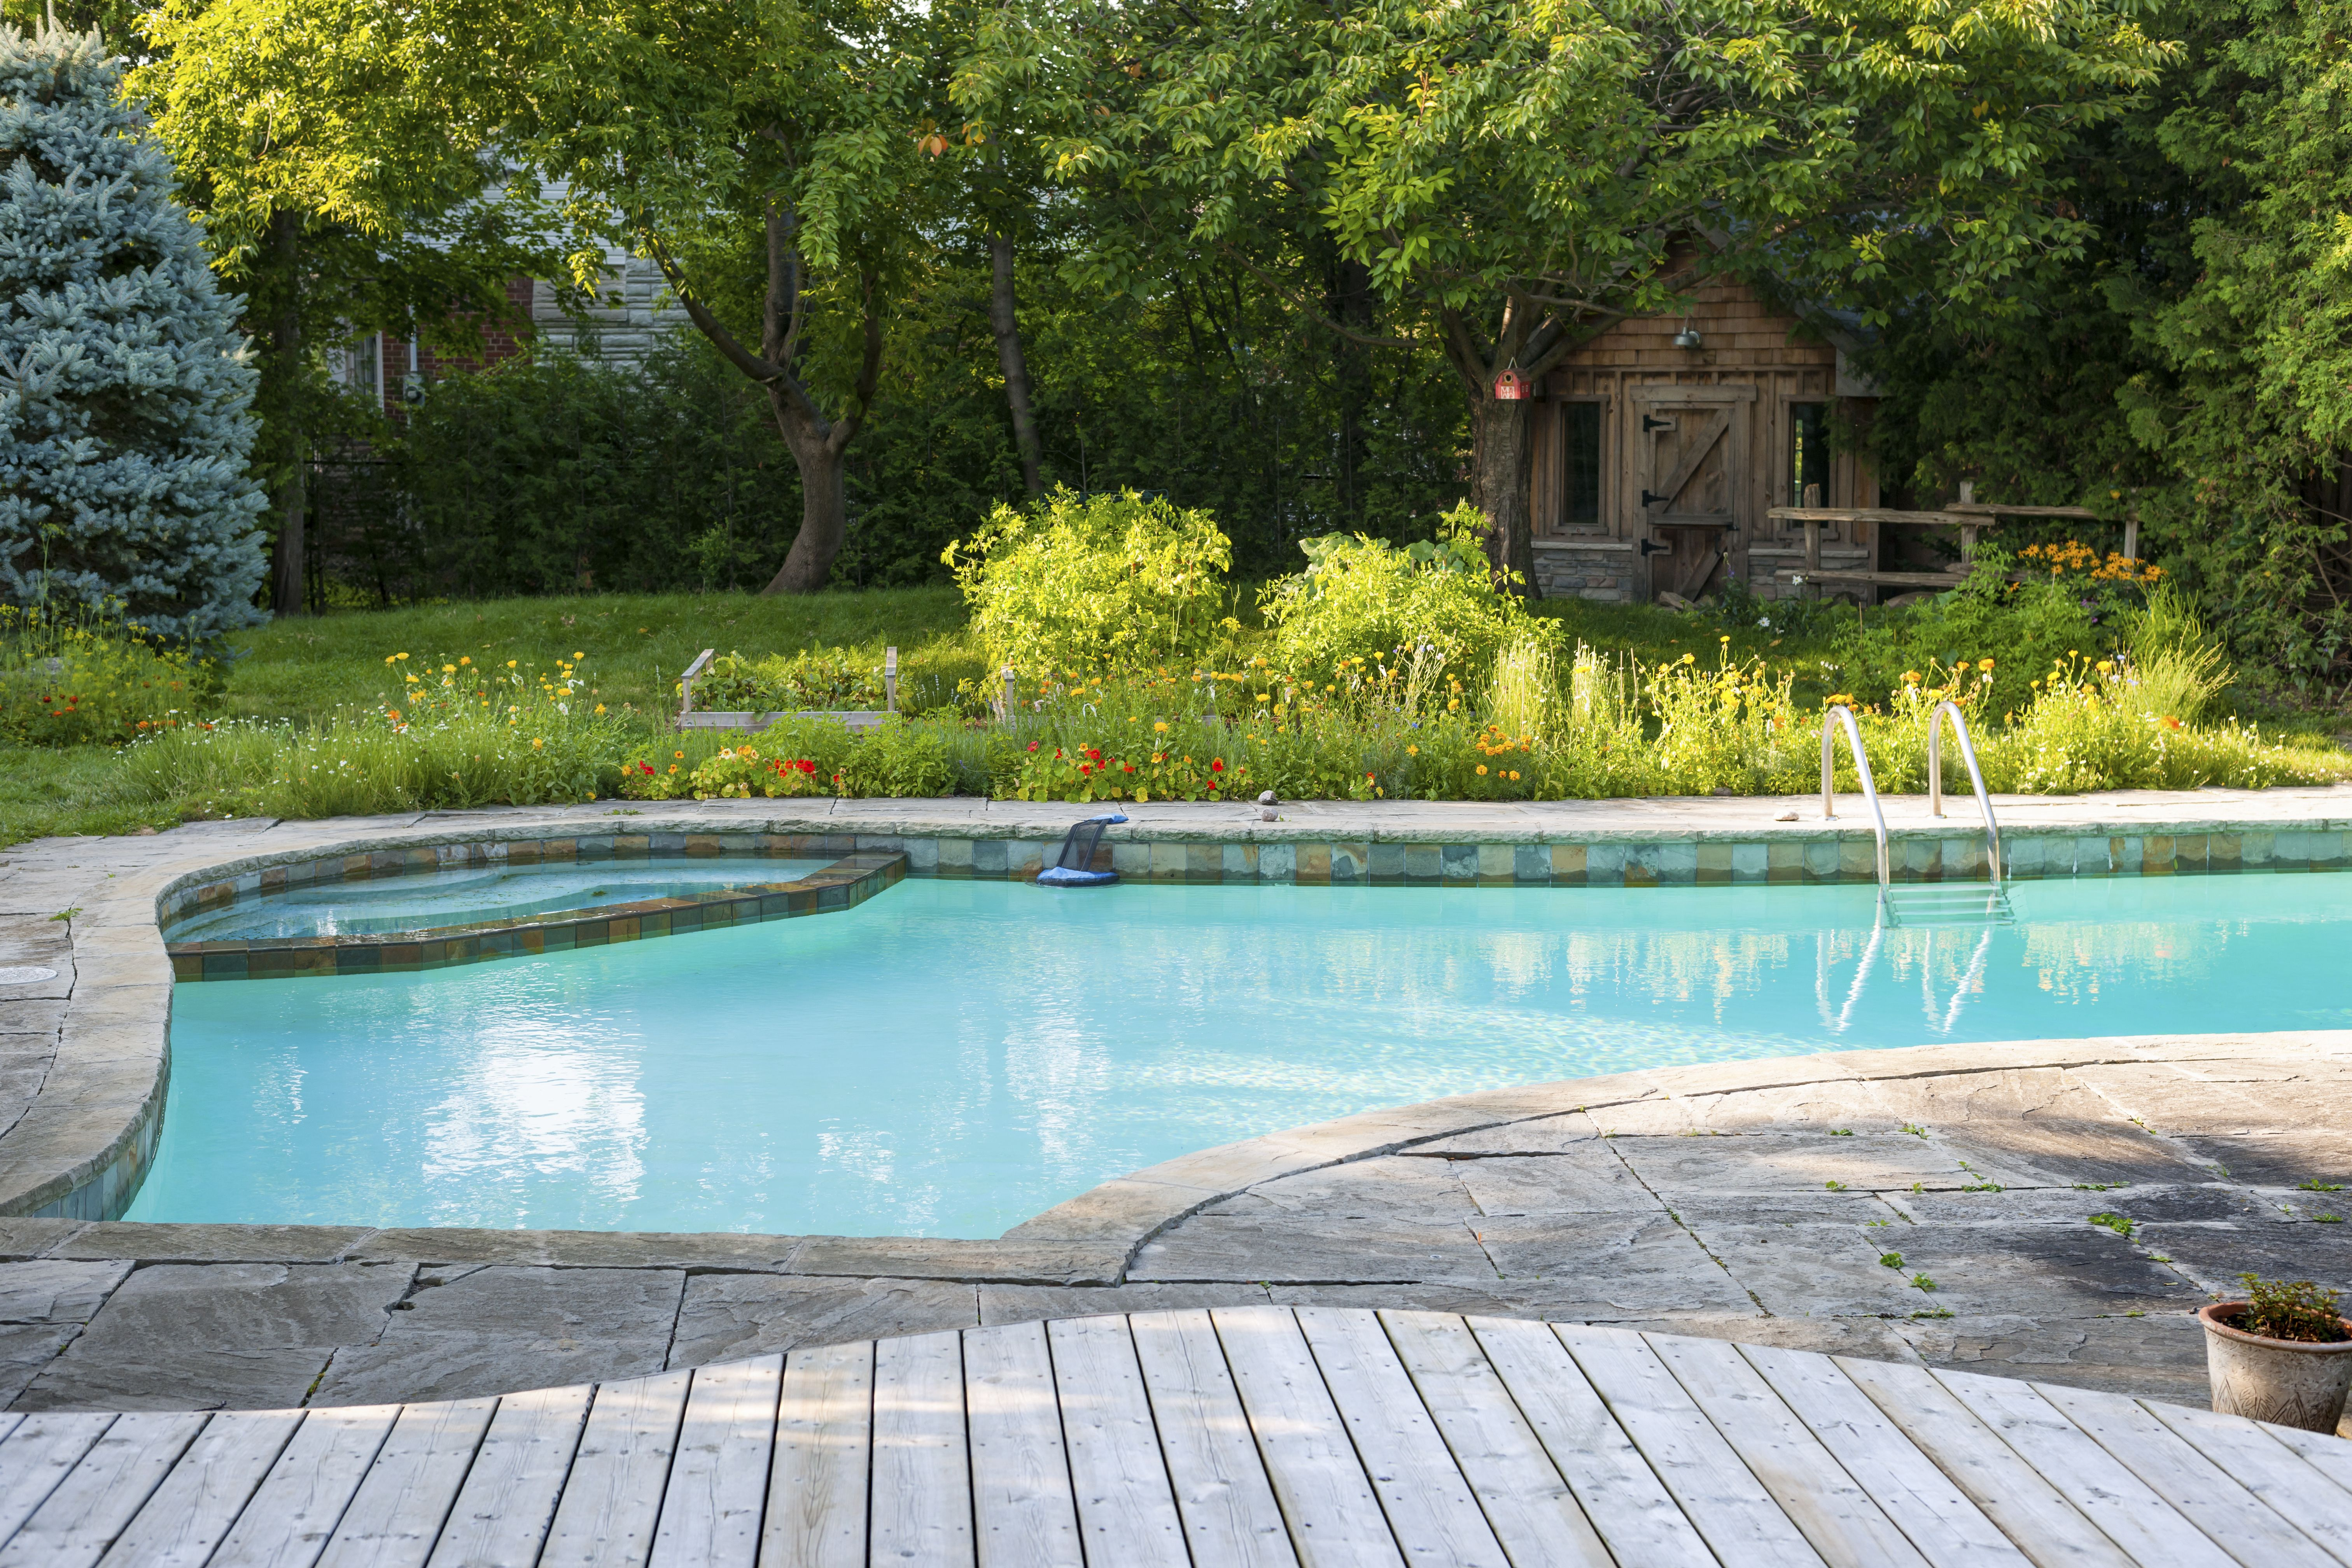 Servicios de mantenimiento de jardines y piscinas: Servicios de Airen Servicios Integrales